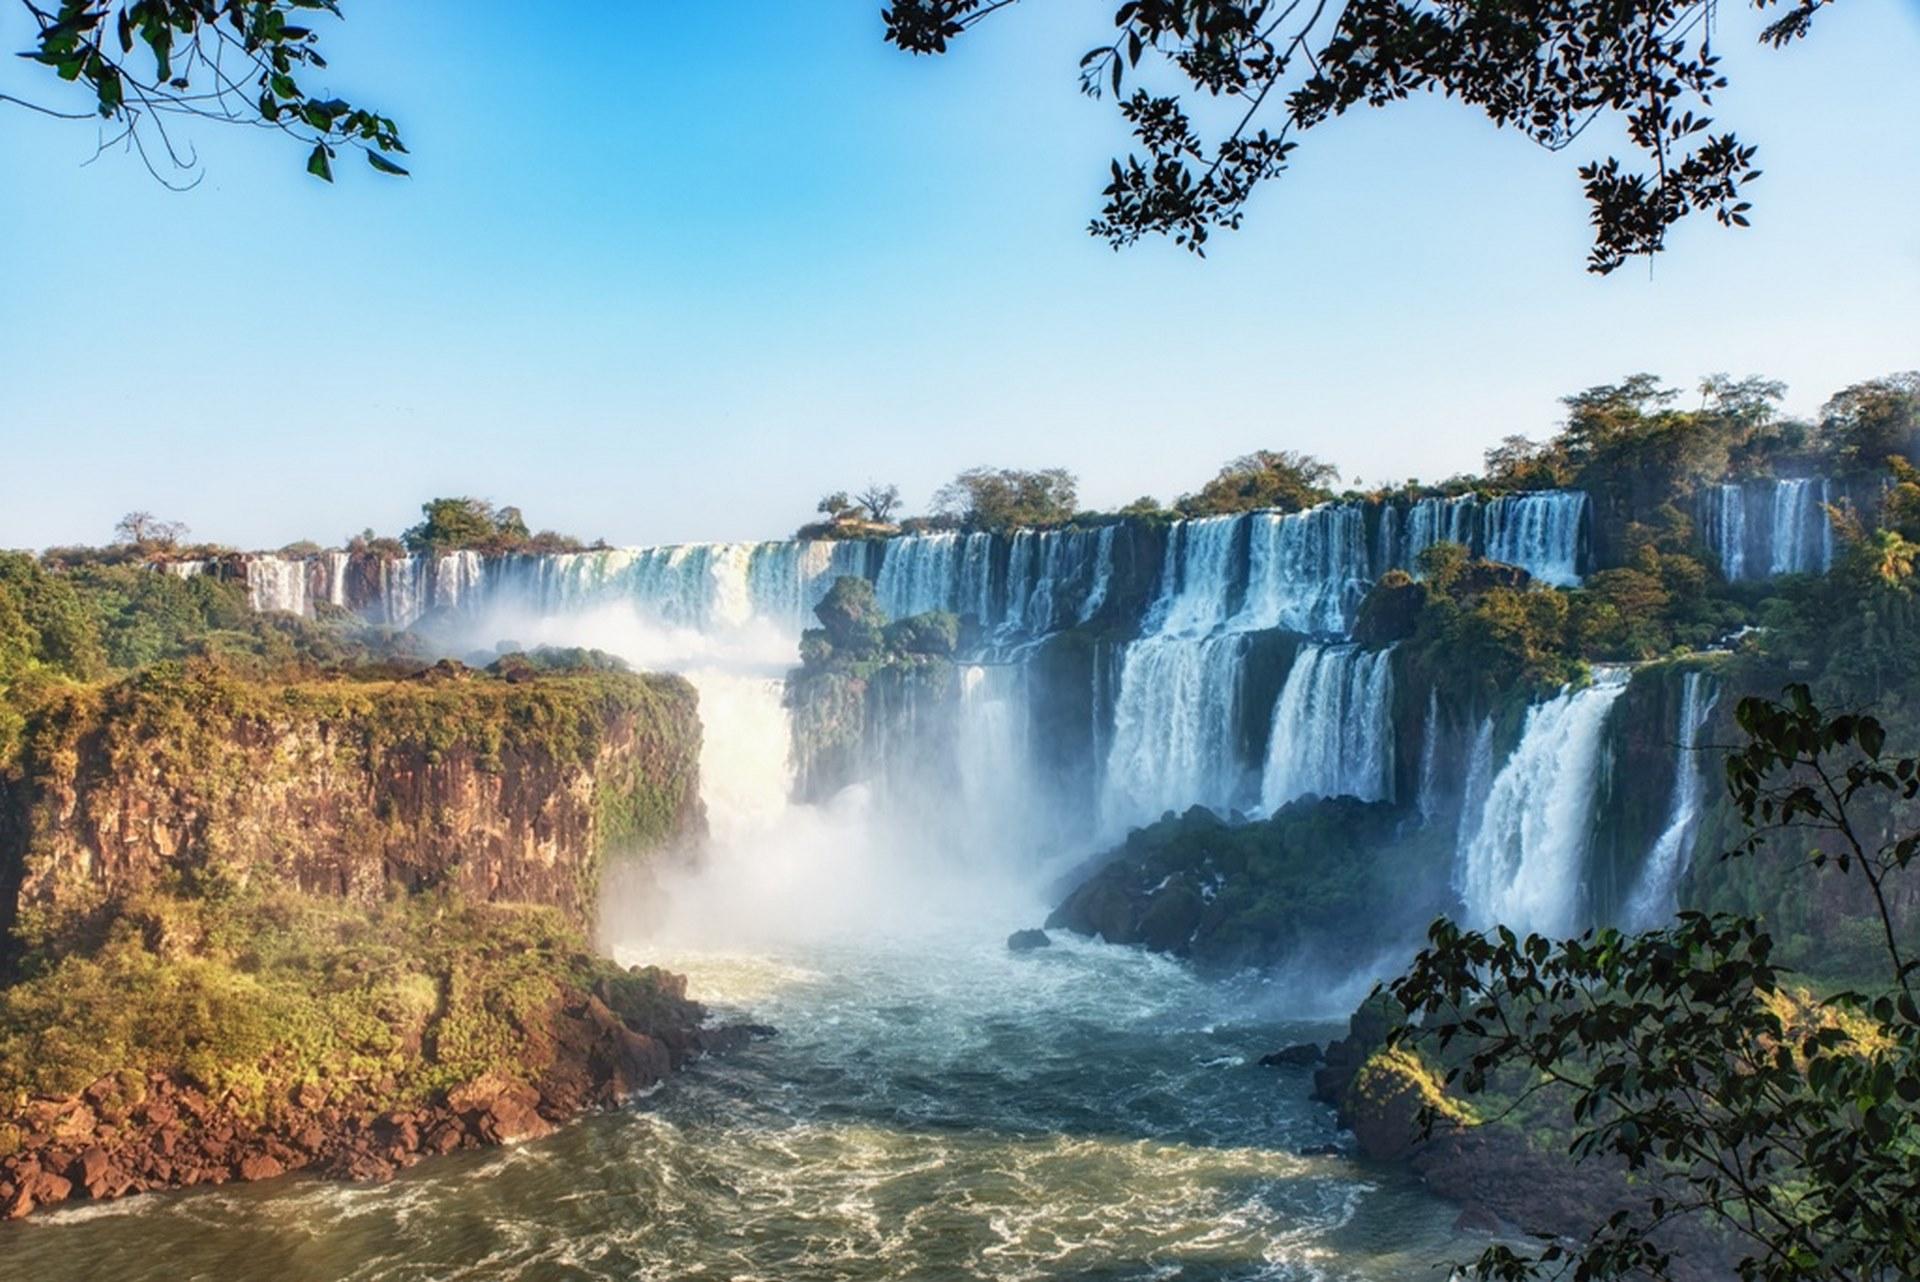 Brésil - Circuit Cap sur le Brésil avec extension en Amazonie